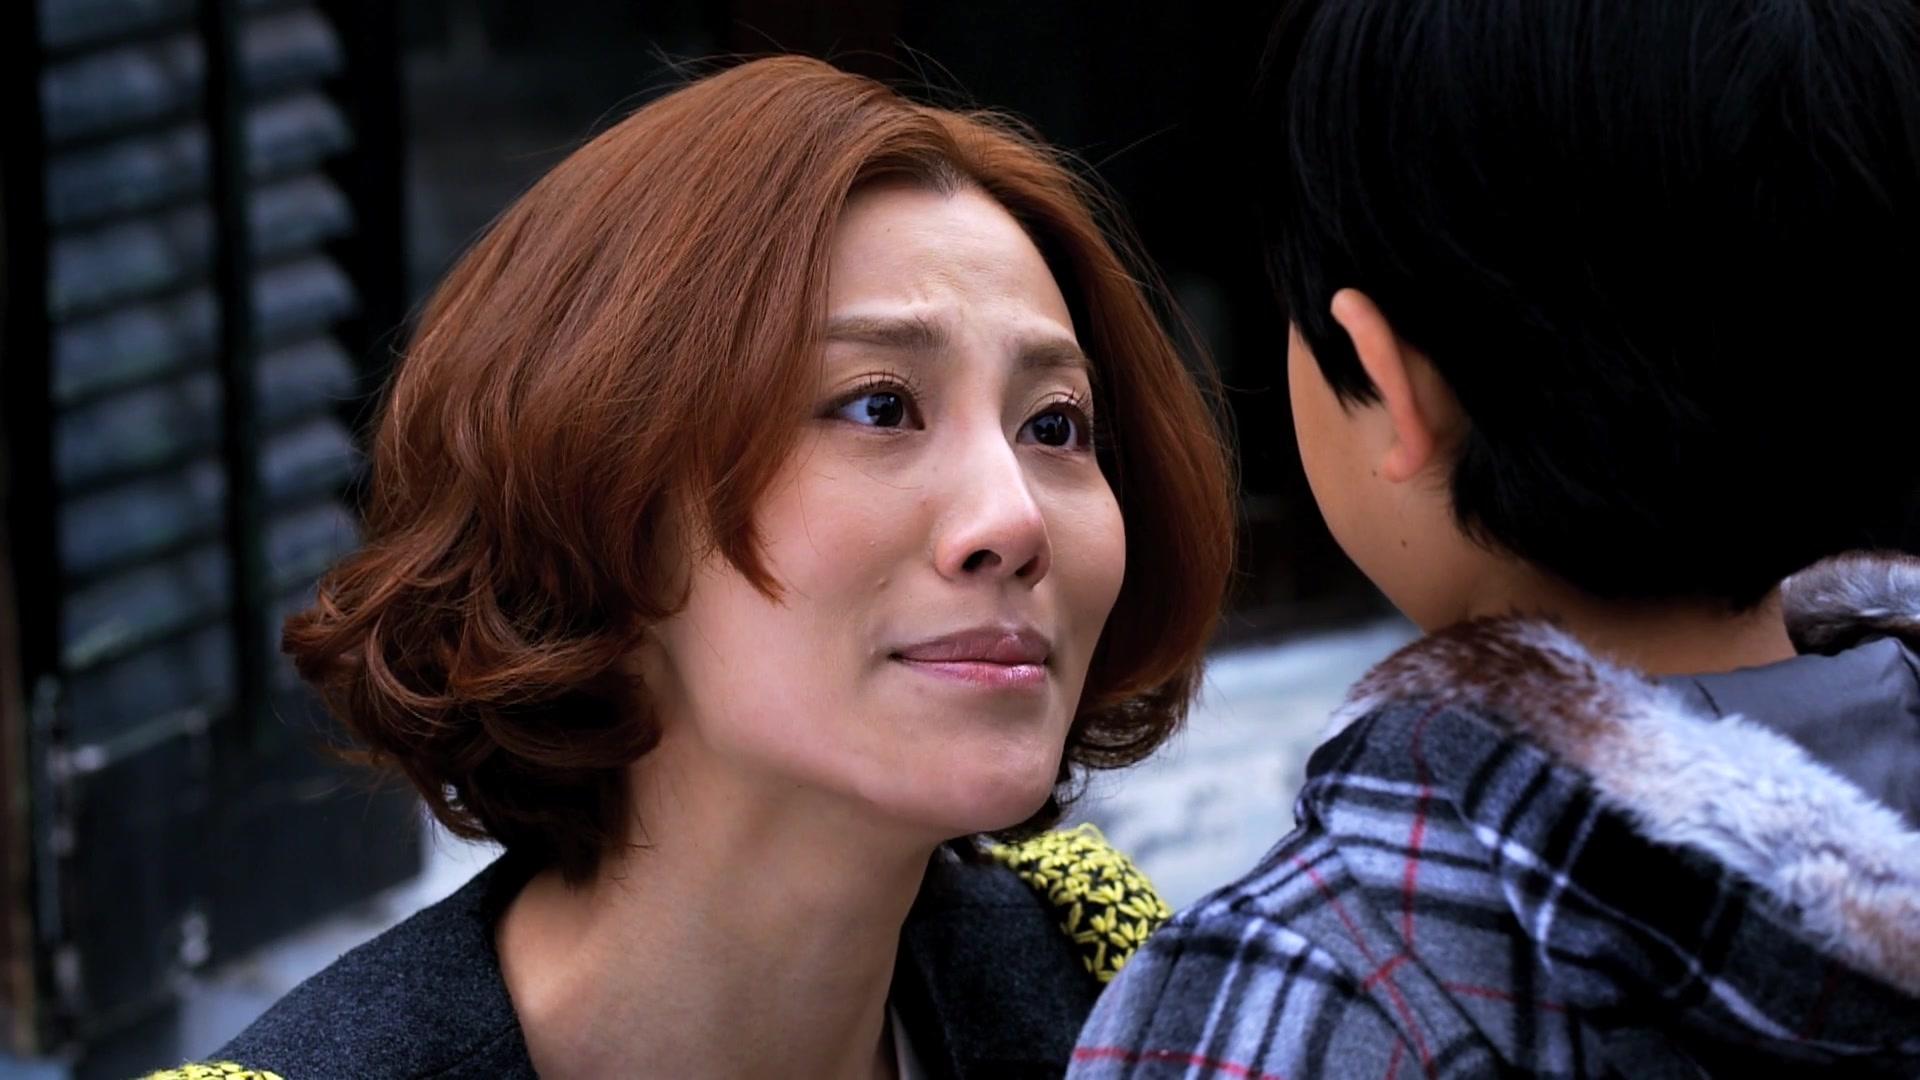 Le Jun Kai Episode 8